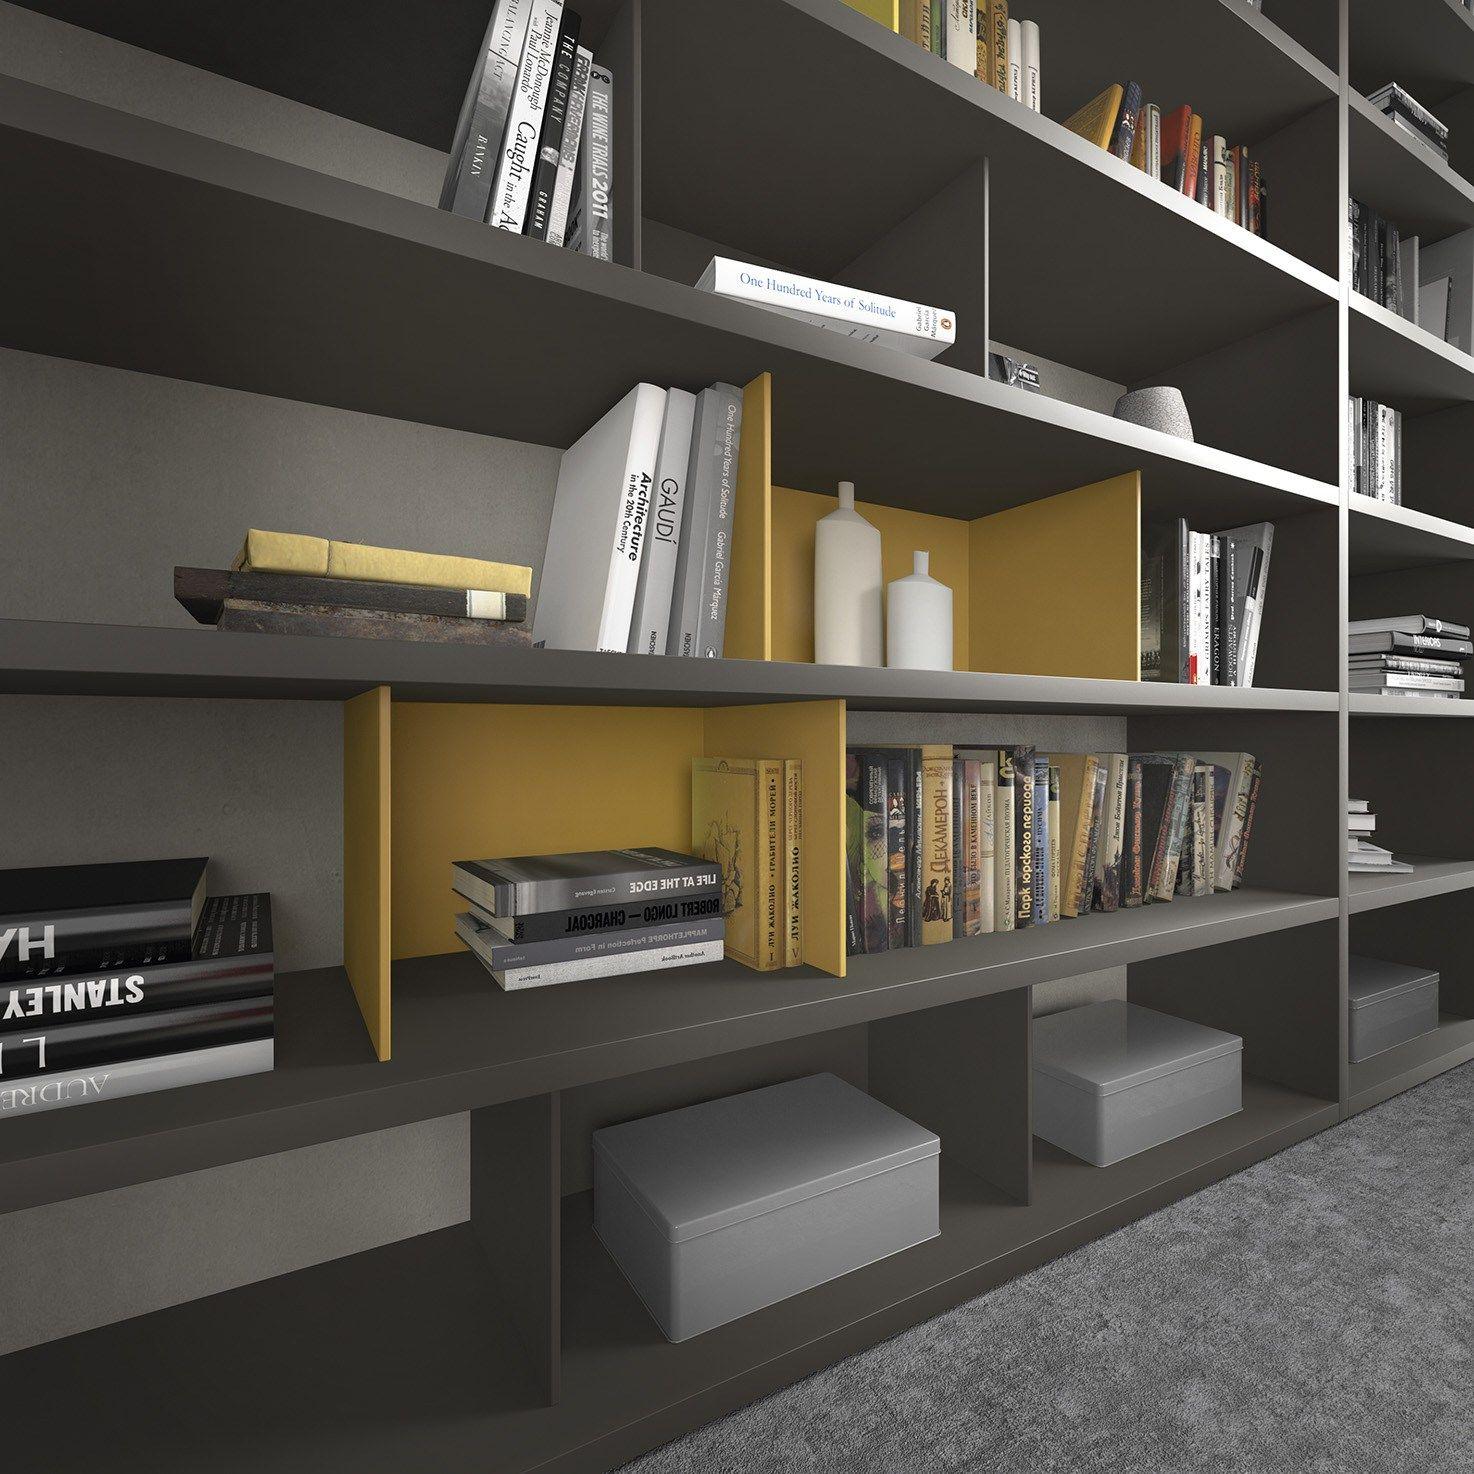 Libreria componibile modulare in legno pari dispari for Presotto industrie mobili